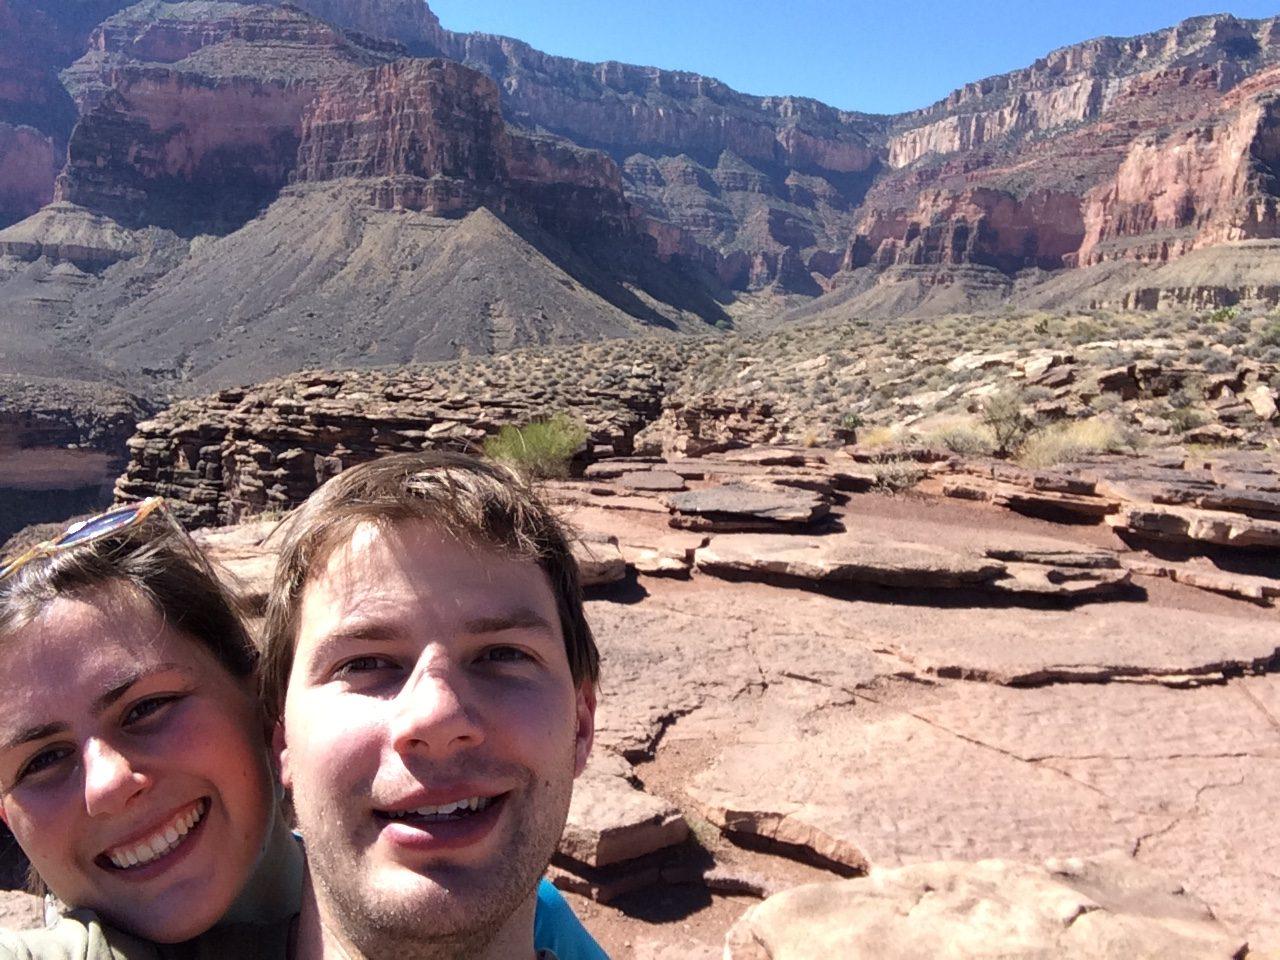 Plateau Point, Grand Canyon NP, Arizona, USA